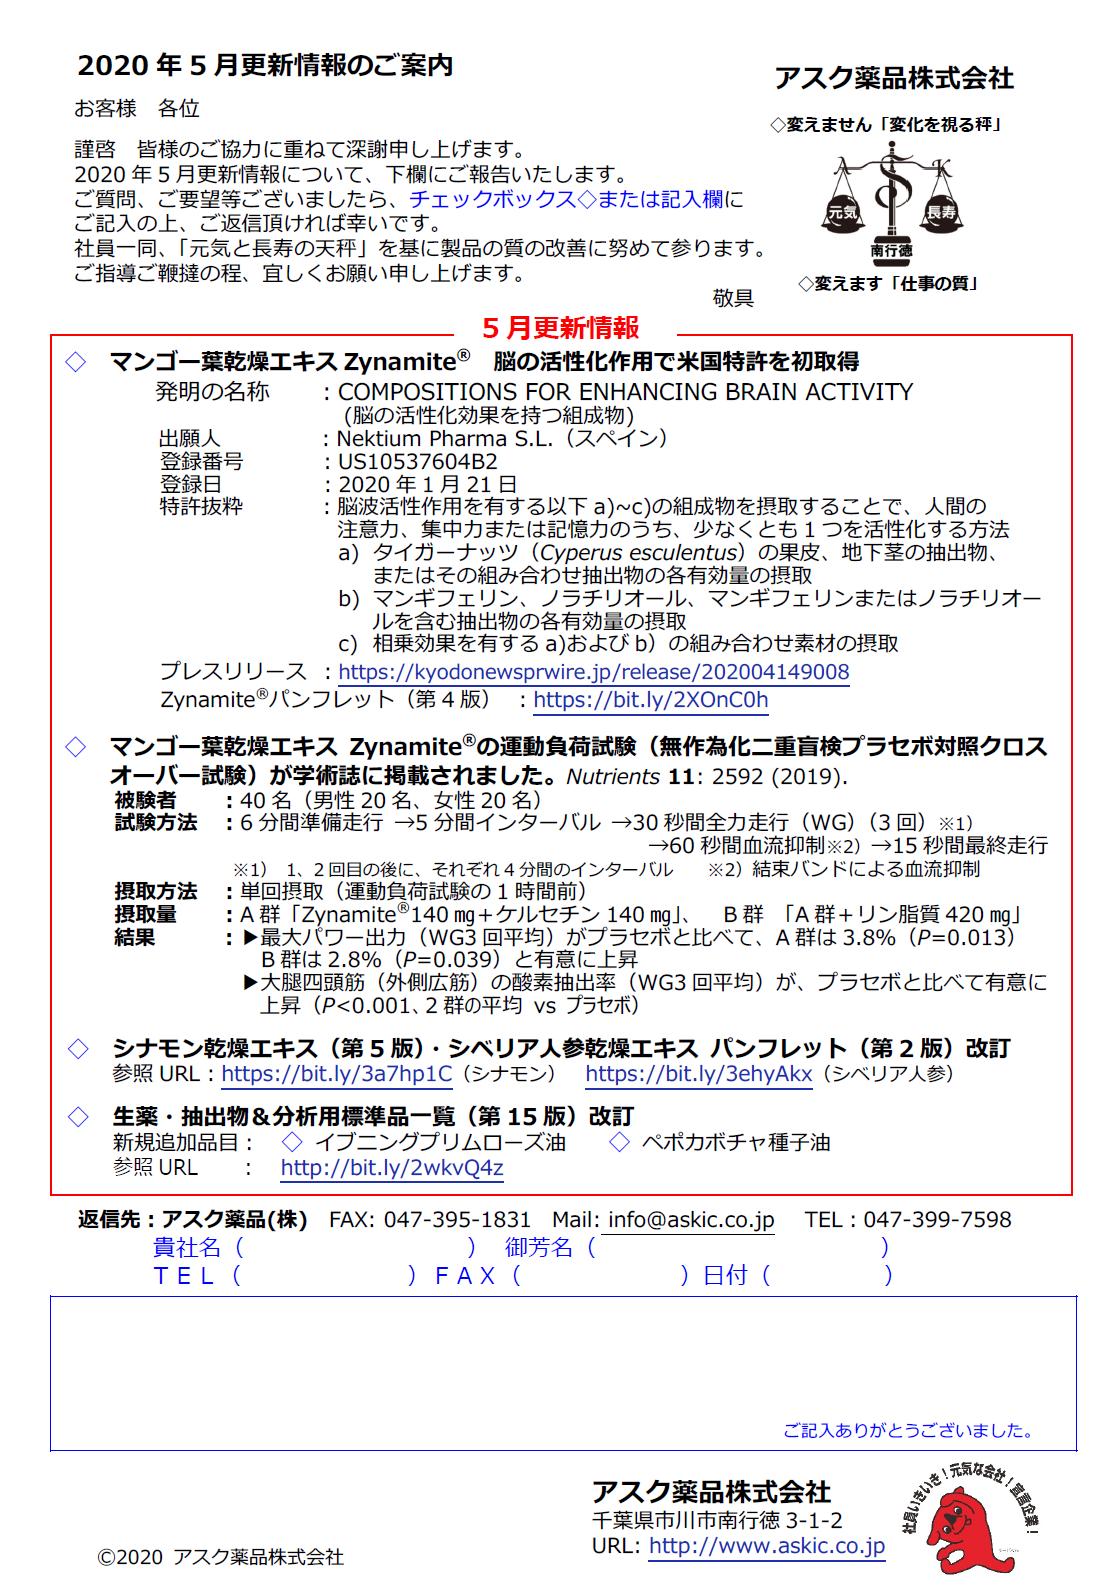 アスク薬品5月更新情報